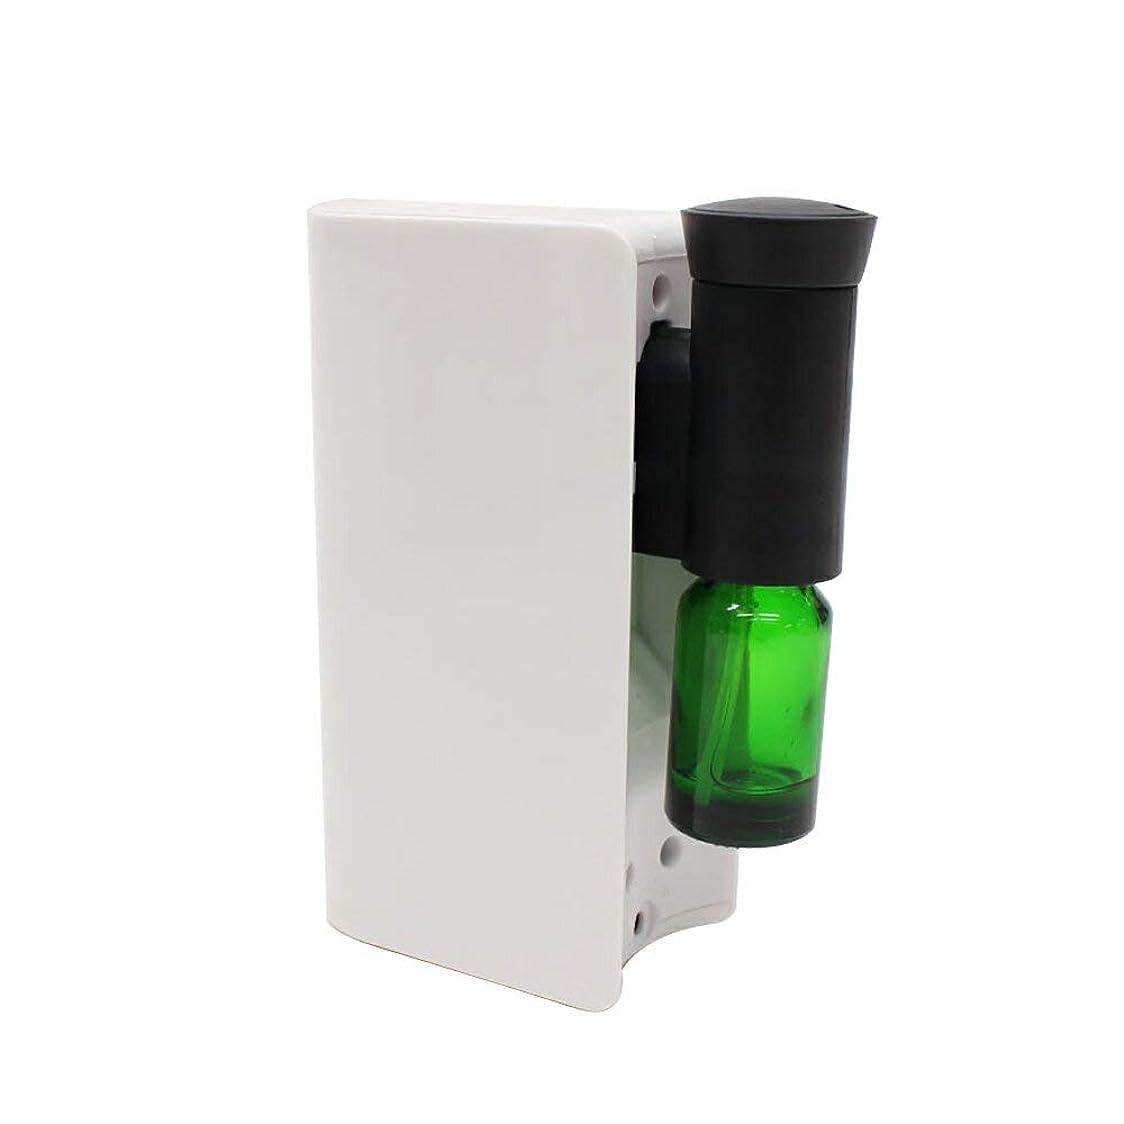 グレートバリアリーフ即席魔術師電池式アロマディフューザー 水を使わない ネブライザー式 アロマ ディフューザー アロマオイル対応 自動停止 ECOモード搭載 コンパクト 香り 癒し シンプル ホワイト